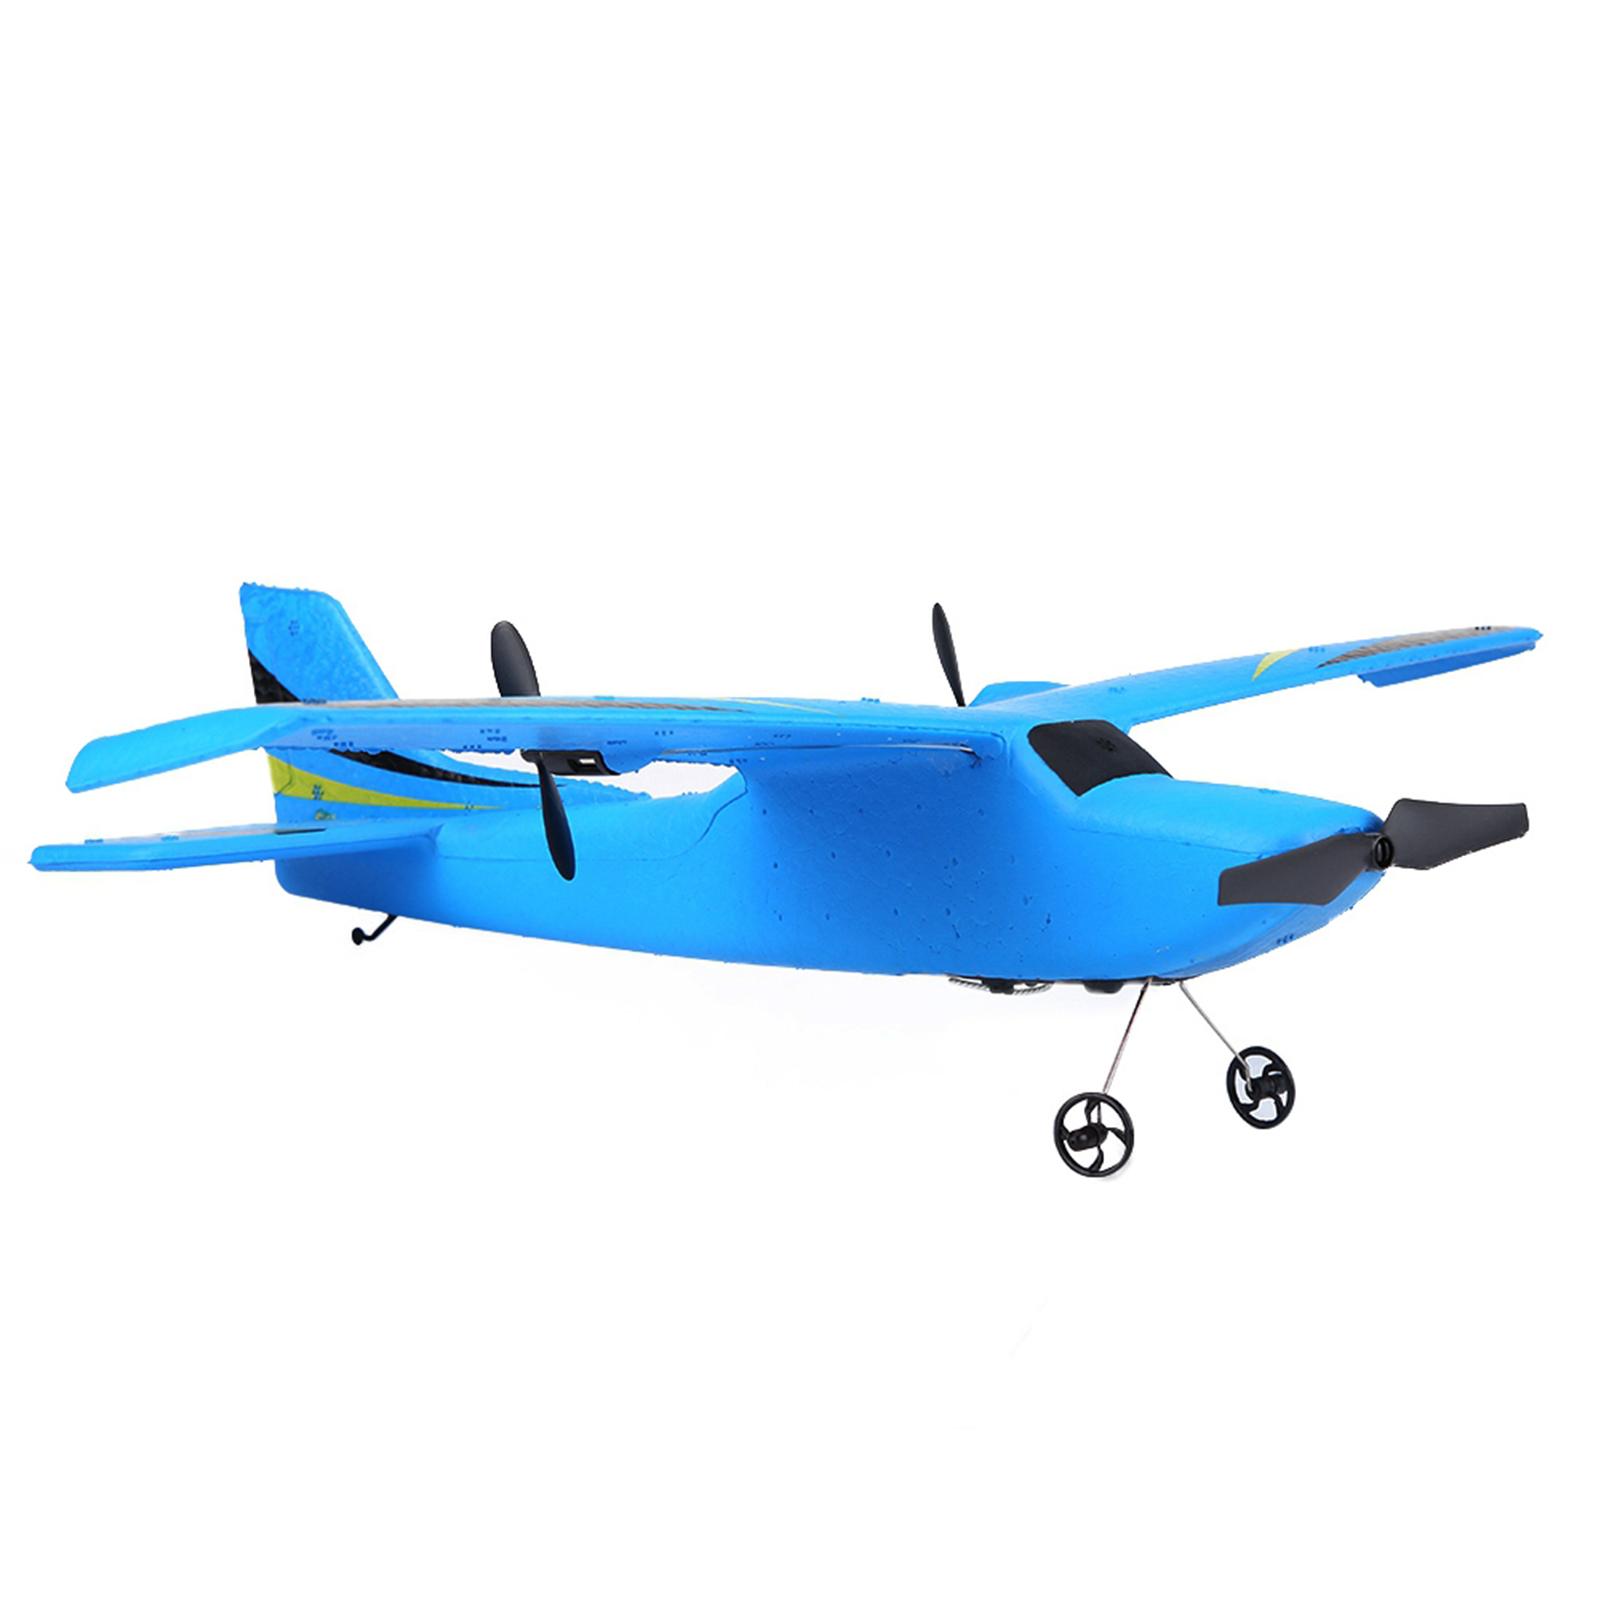 miniatura 18 - 2.4G ZC-Z50 Telecomando Aereo Aliante EPP ala fissa modello di velivolo radiocomandato giocattolo